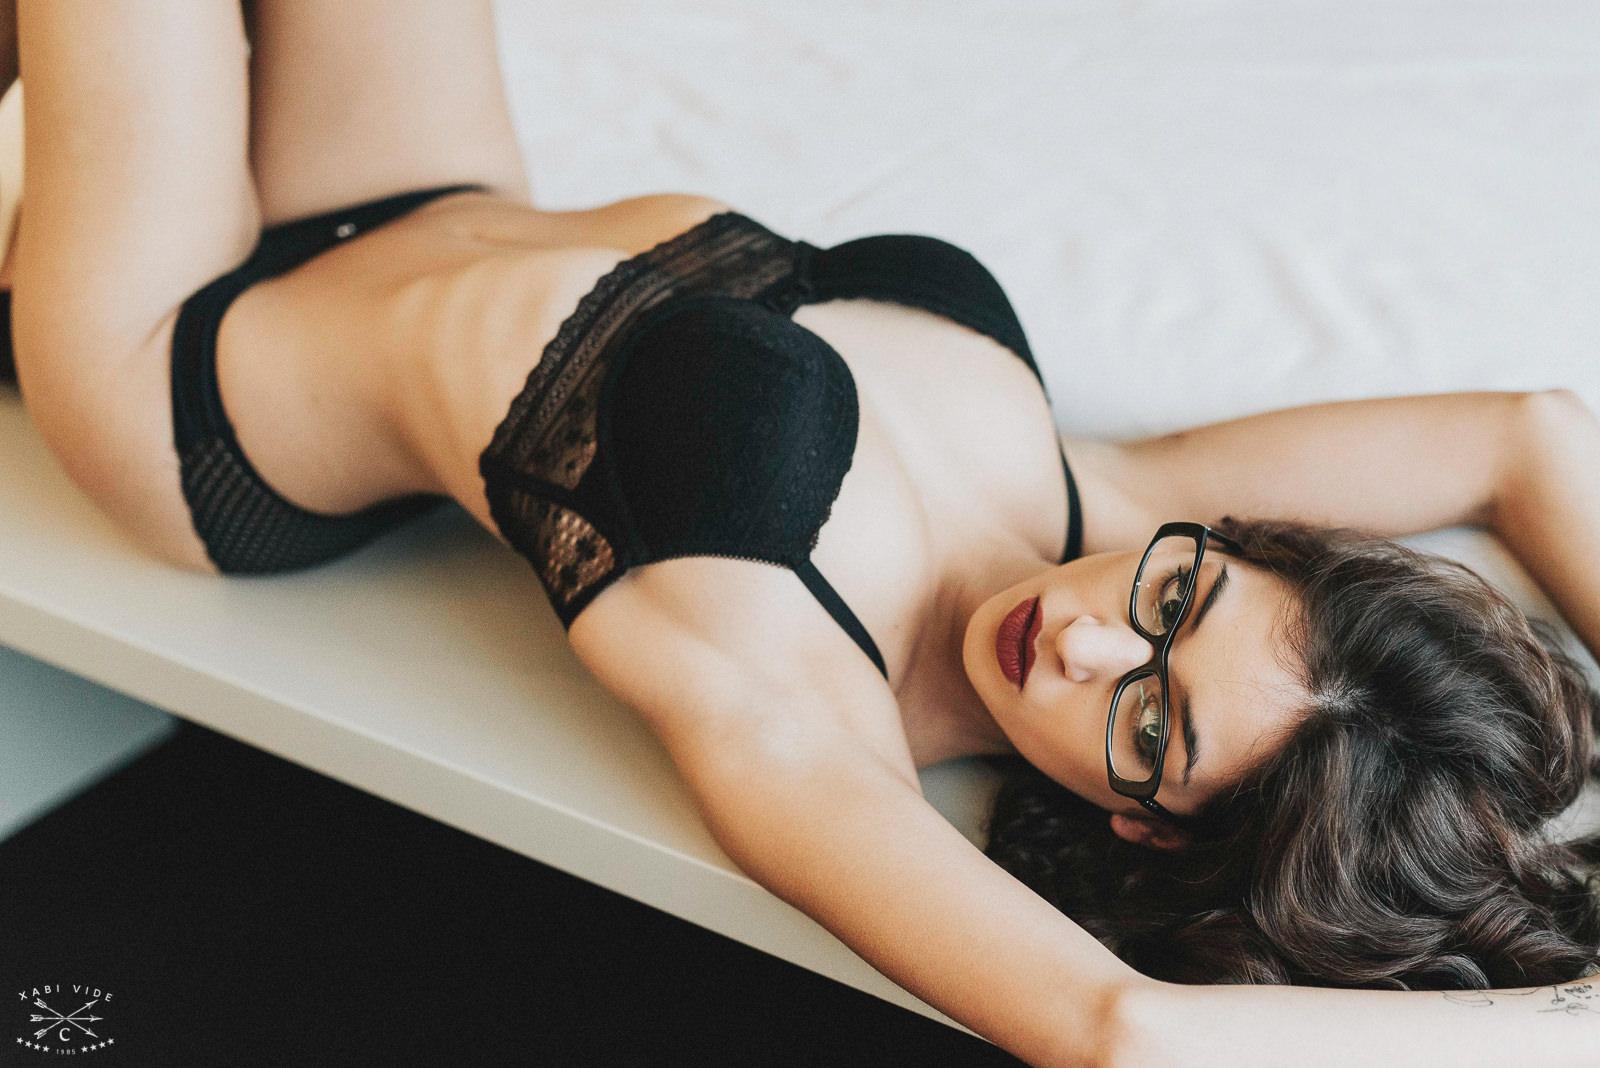 oihane_boudoir_xabivide-19